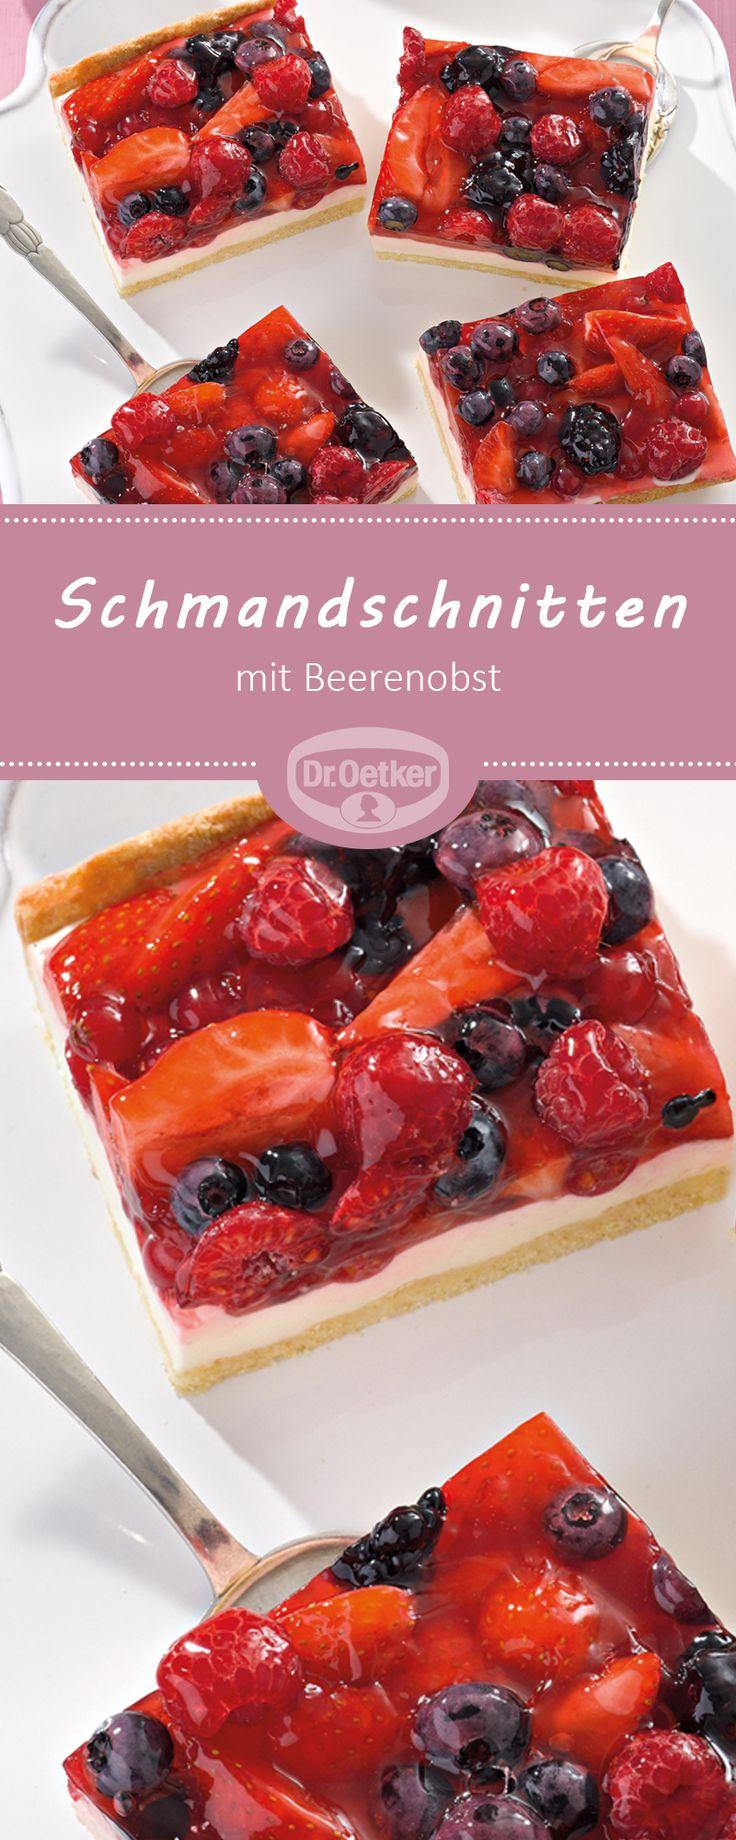 Schmandschnitten mit Beerenobst: Ein fruchtiger Obstkuchen mit Schmand #beerenobst #obstkuchen #schmandschnitten